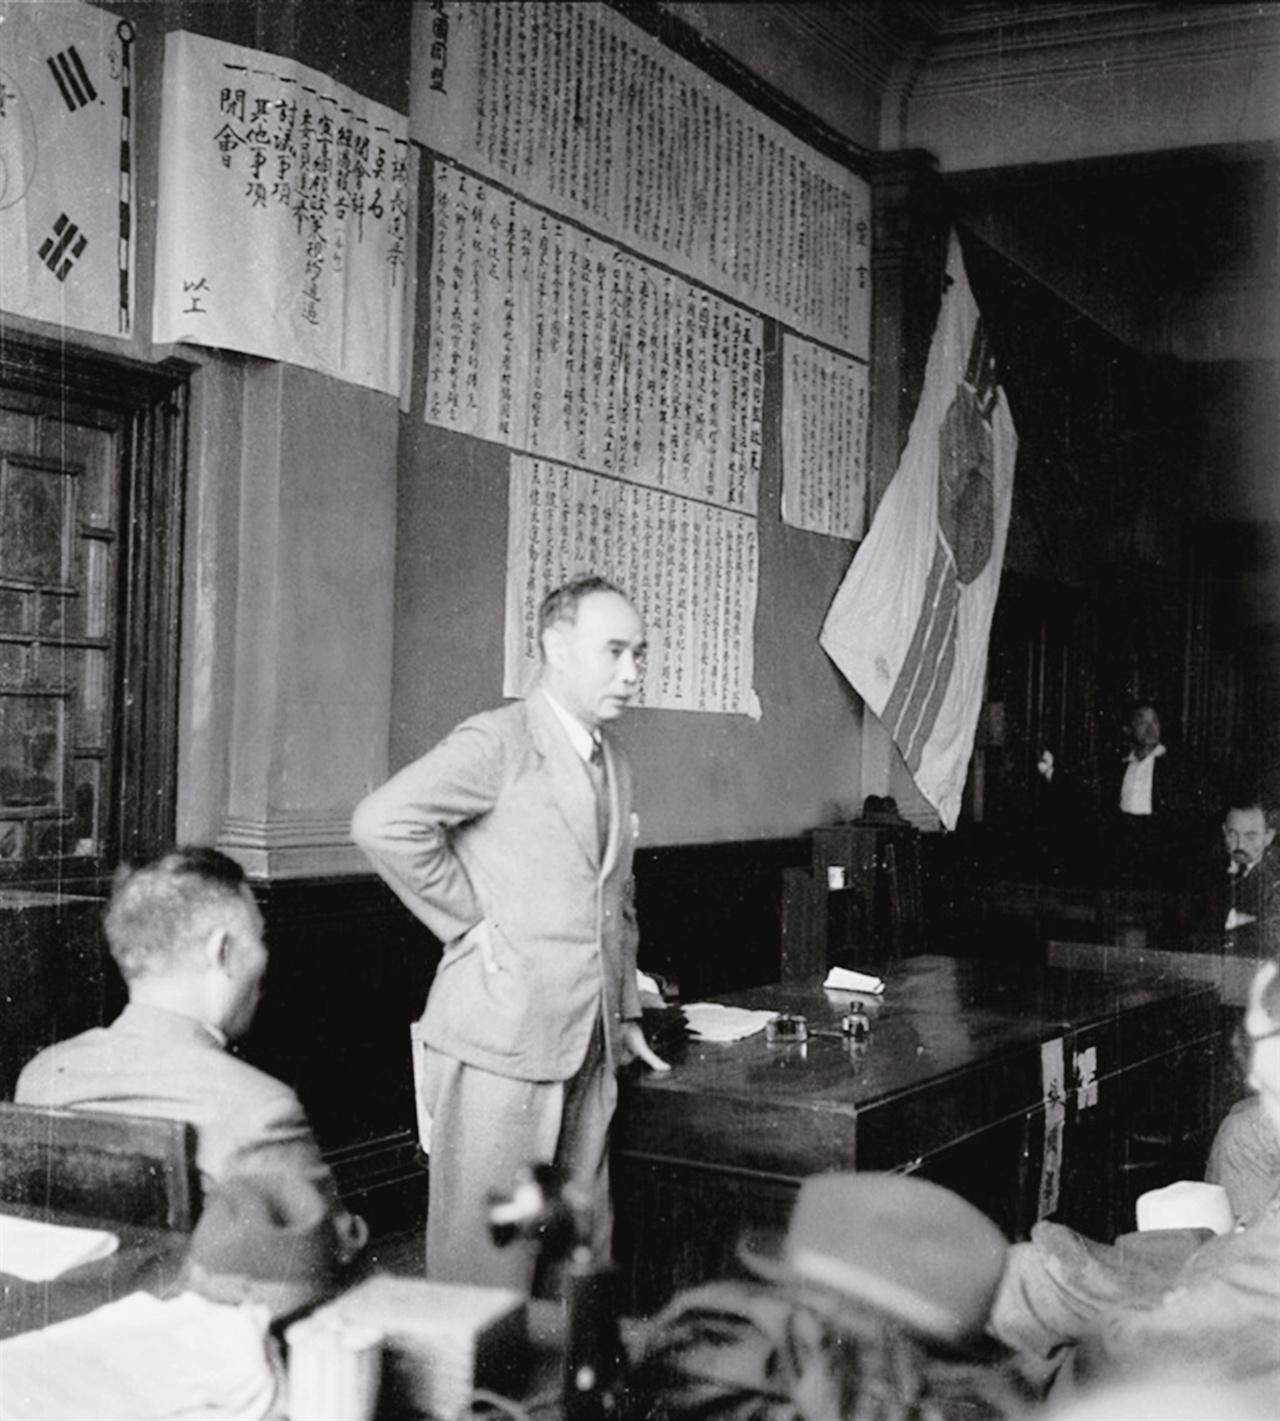 종로 YMCA 건물에 있었던 조선건국동맹 본부에서 인사말을 하는 몽양 여운형(1945. 8.)